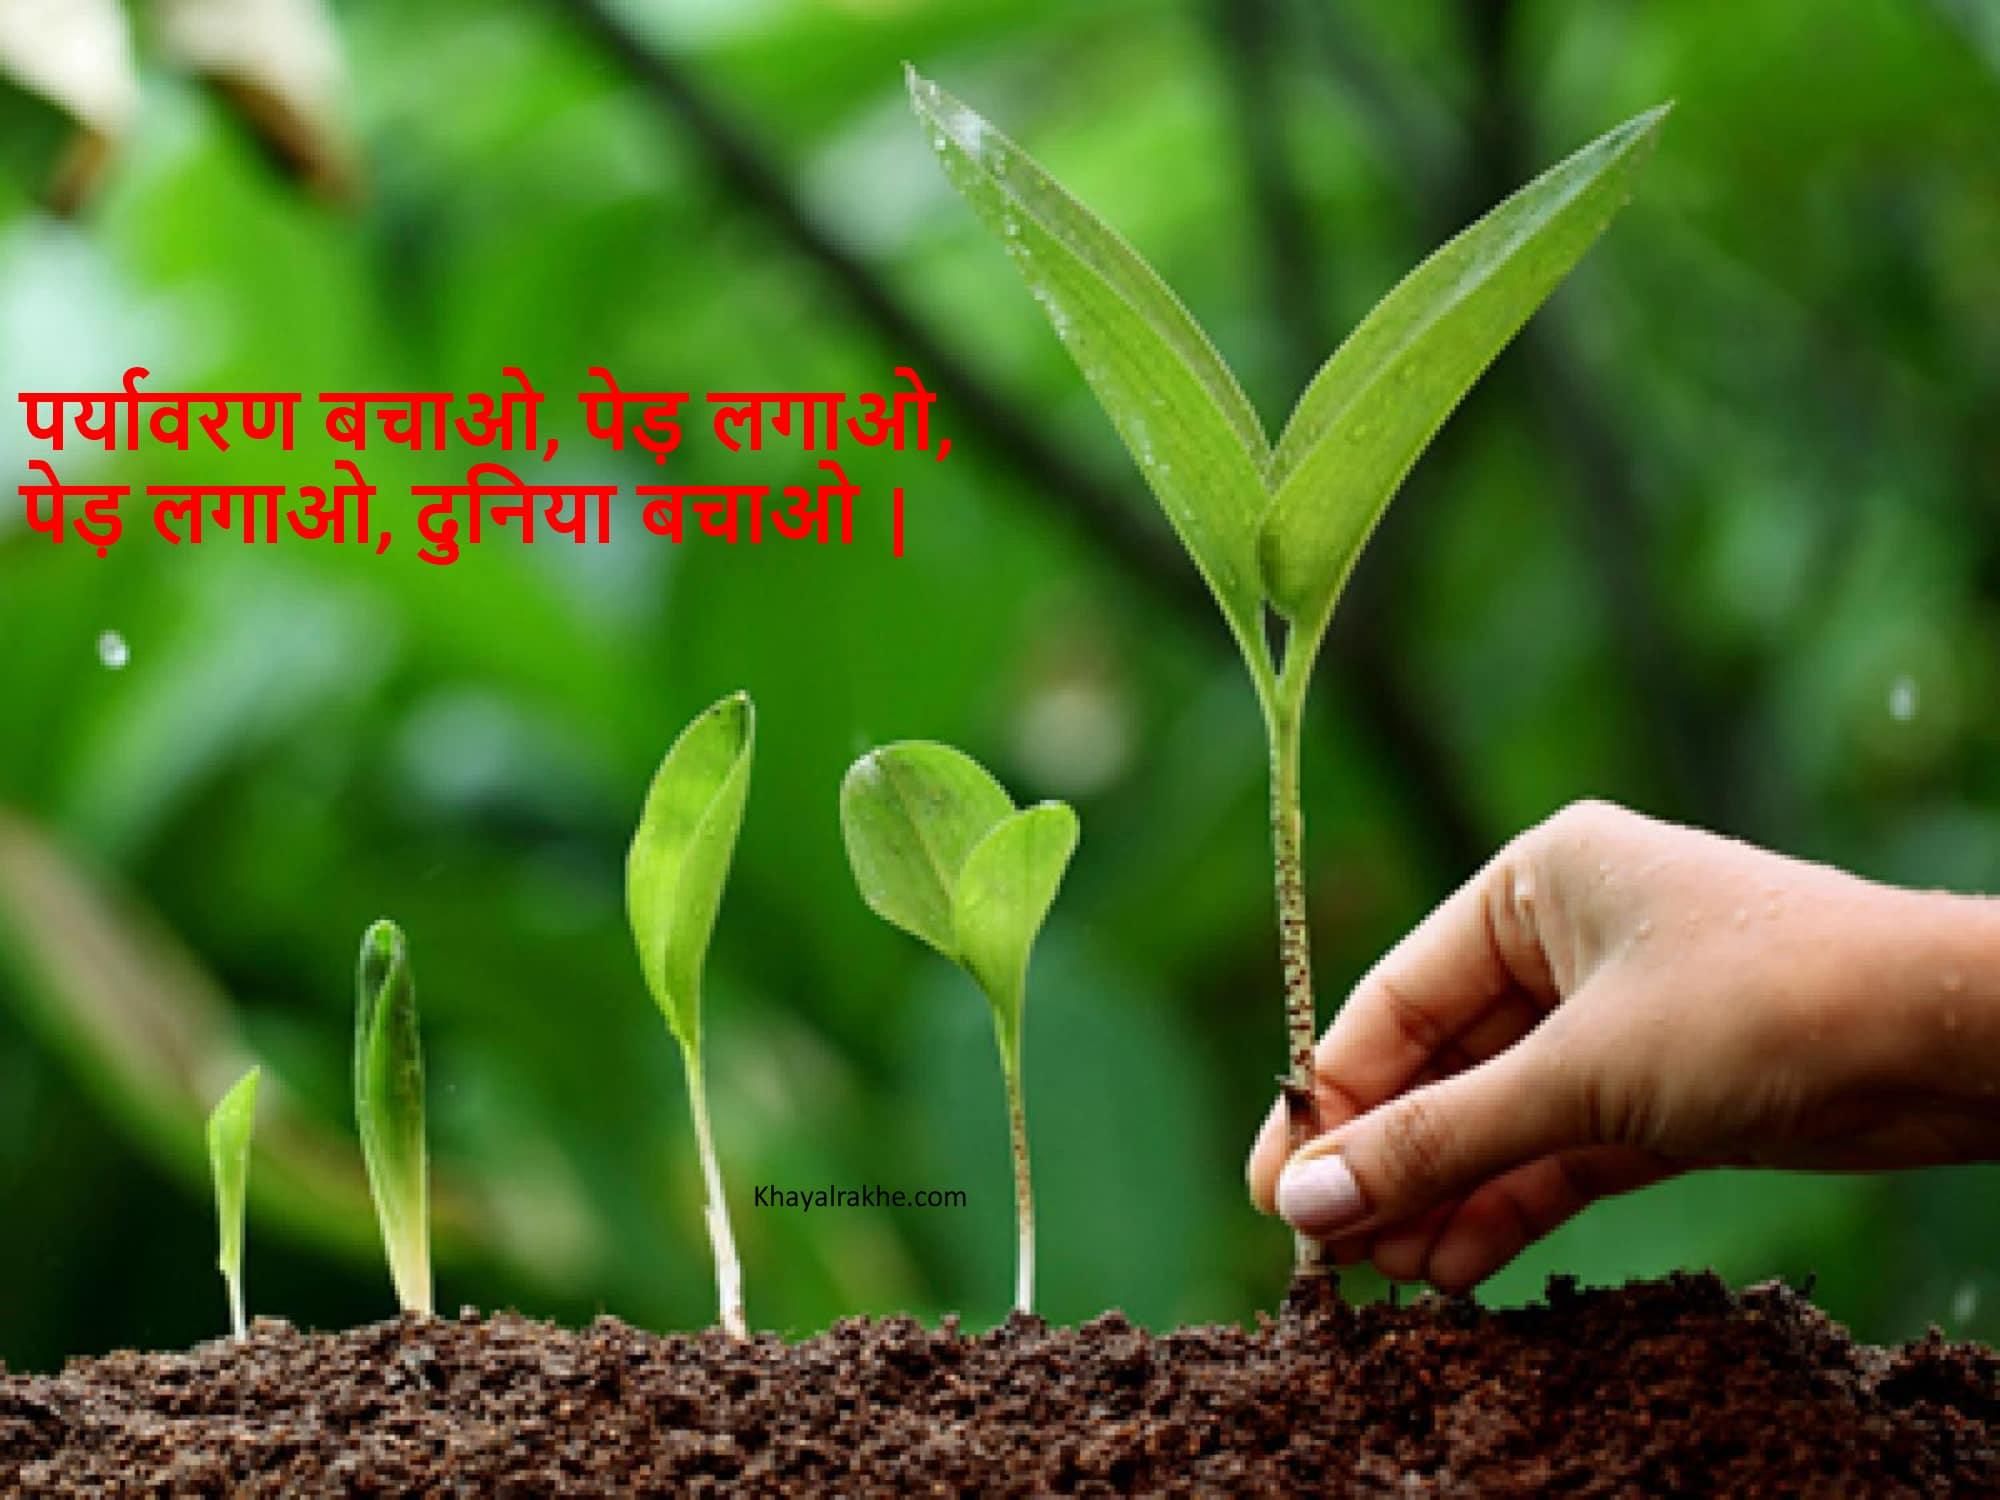 Environment Snrakshan Quotes in Hindi